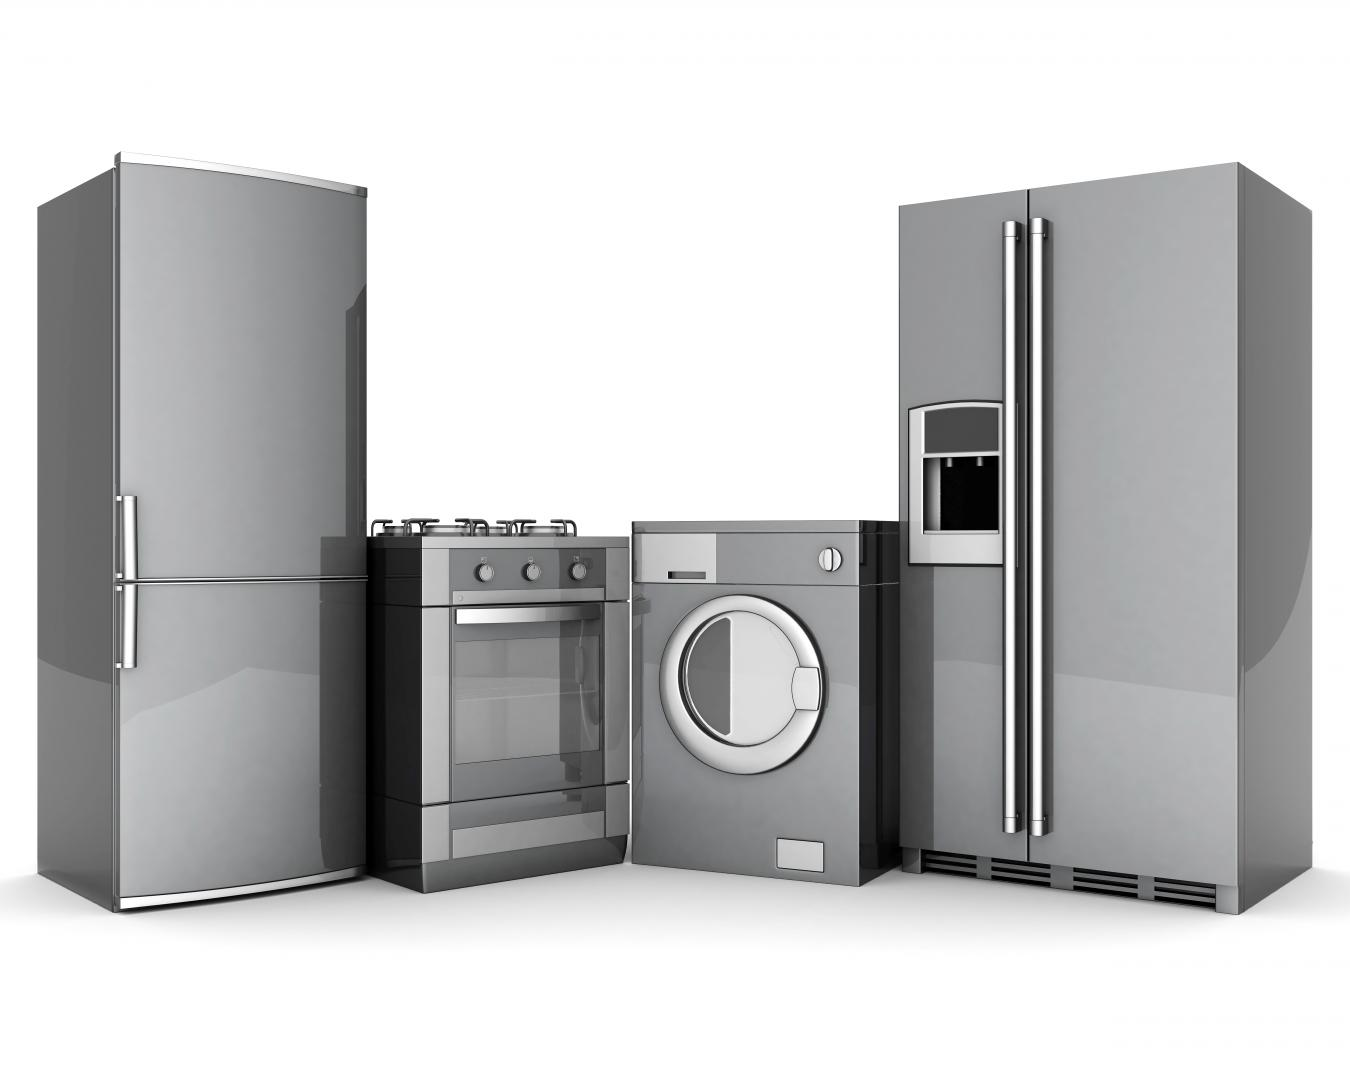 Uncategorized Kitchen Appliances Montreal appliance repair t m r town of mont royal saint luc household services